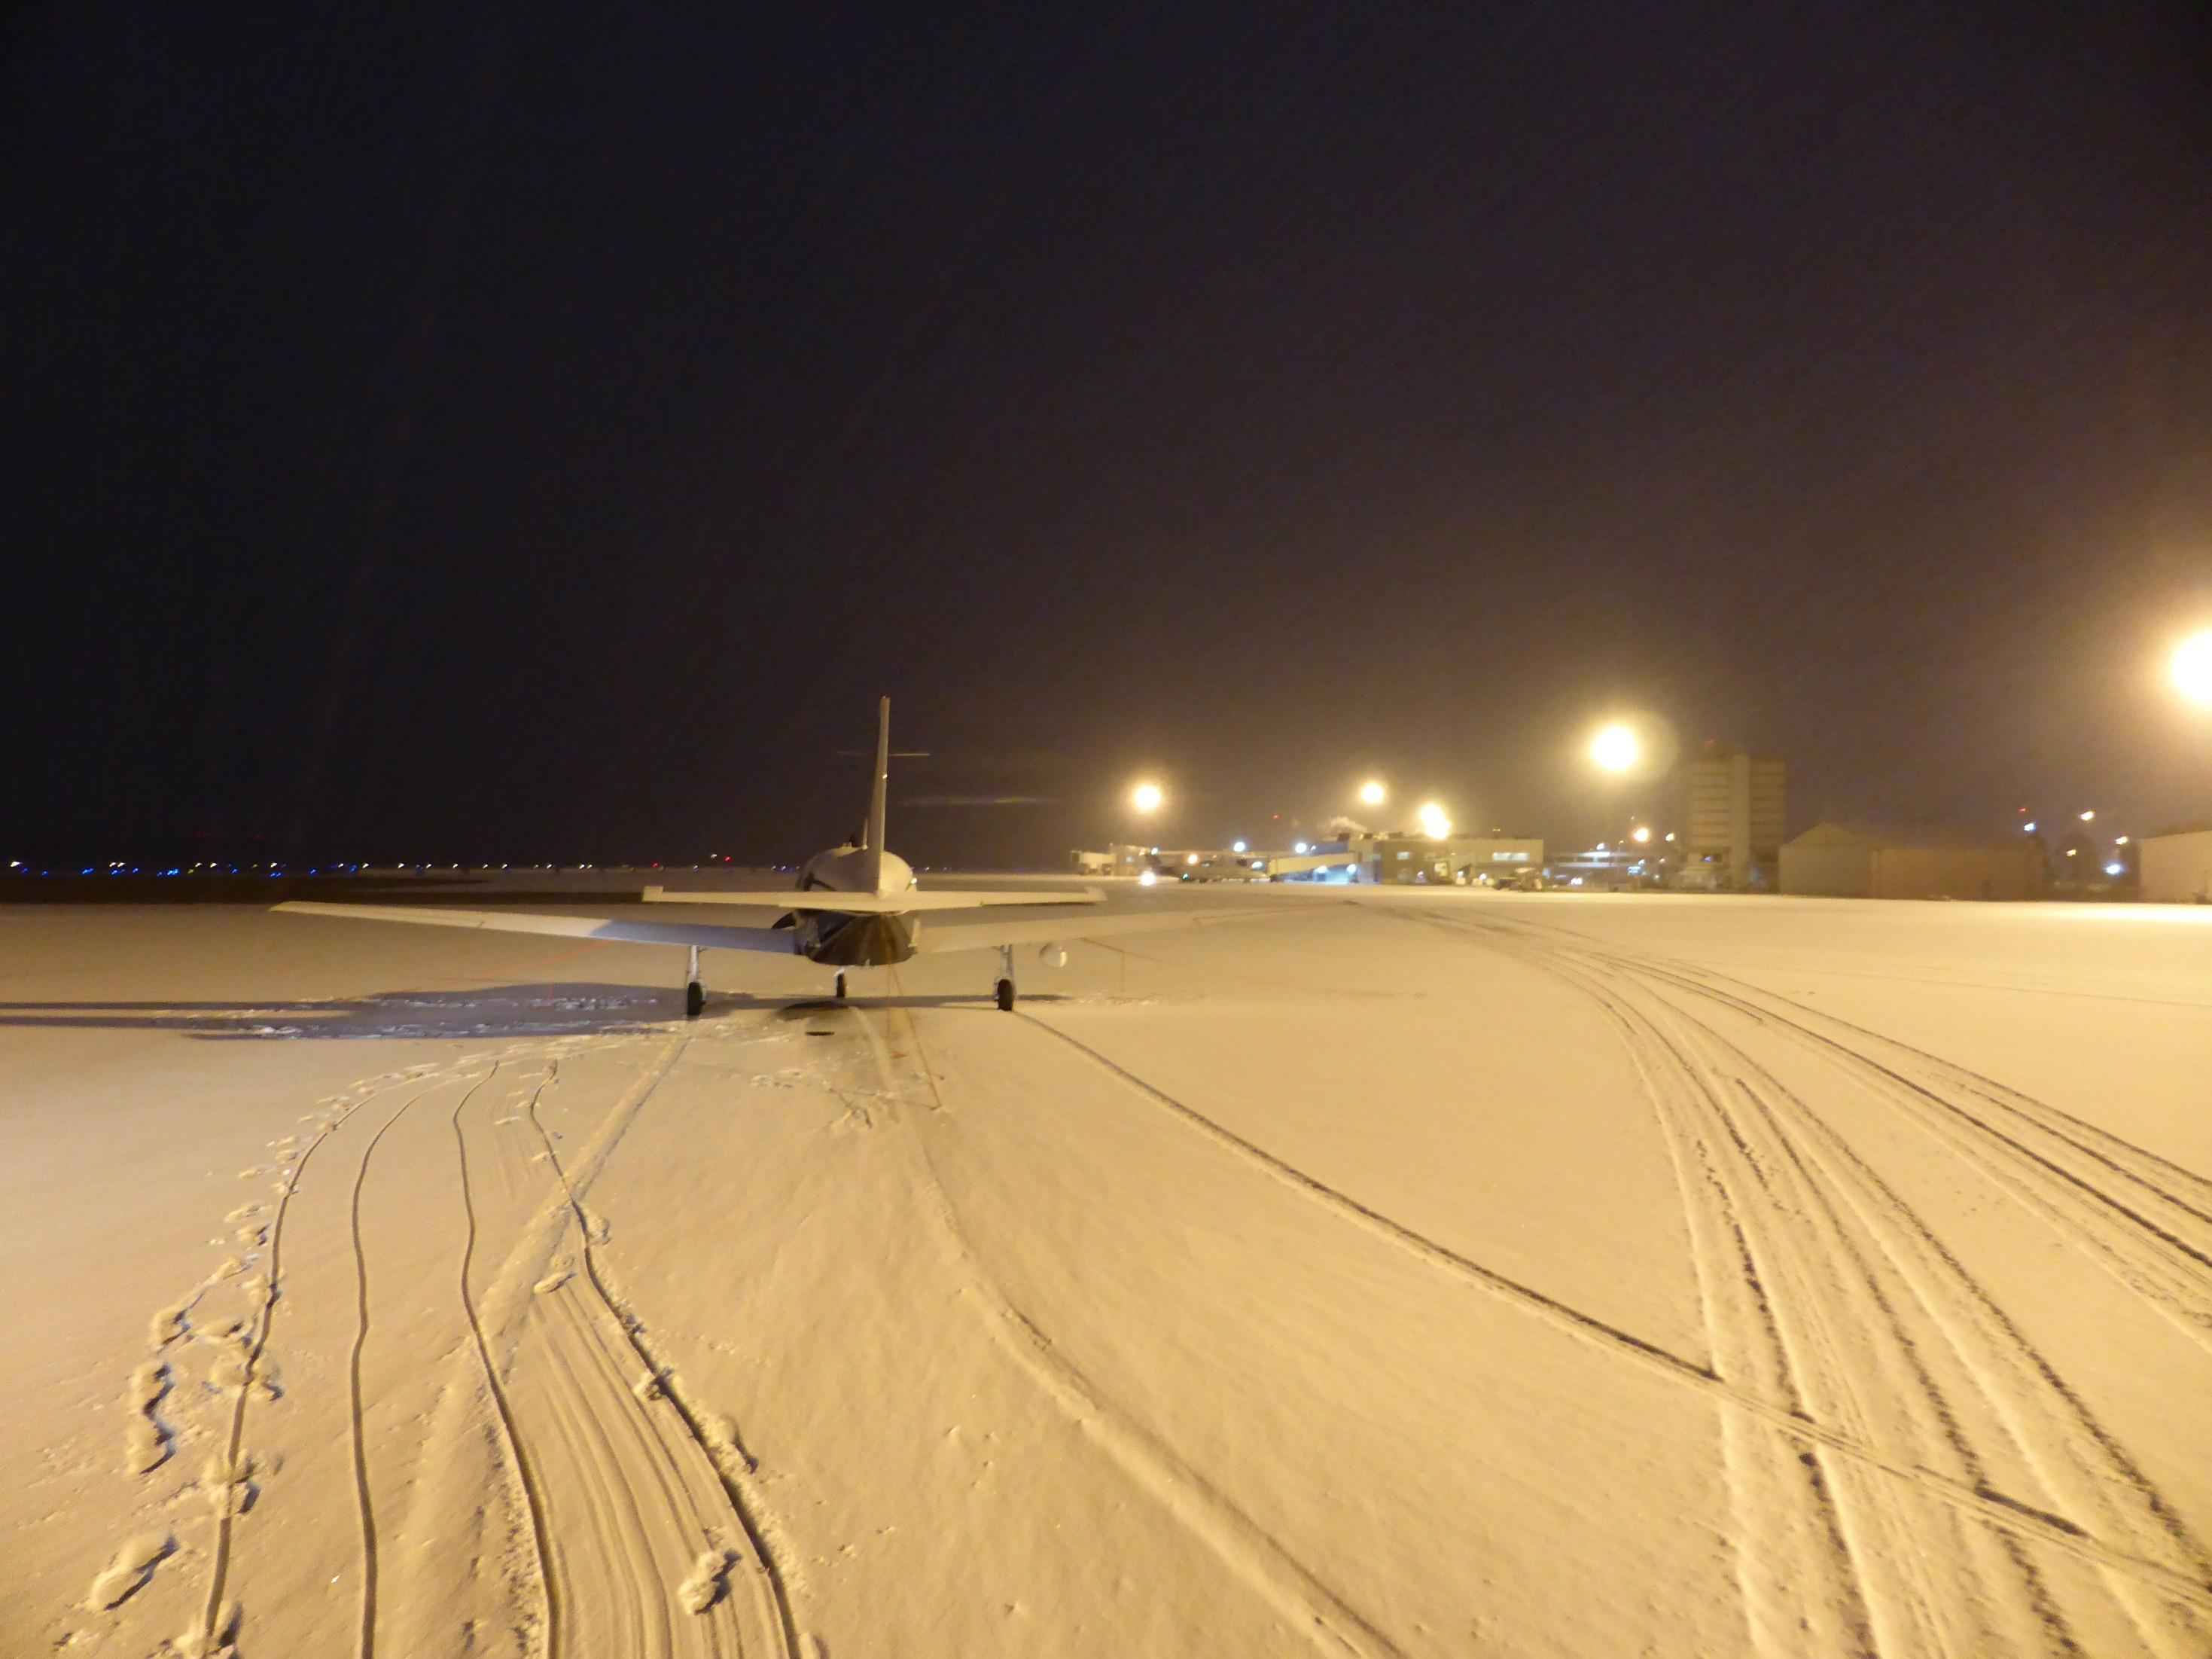 Noční přílet na letiště Bangor (KBGR), stát Maine